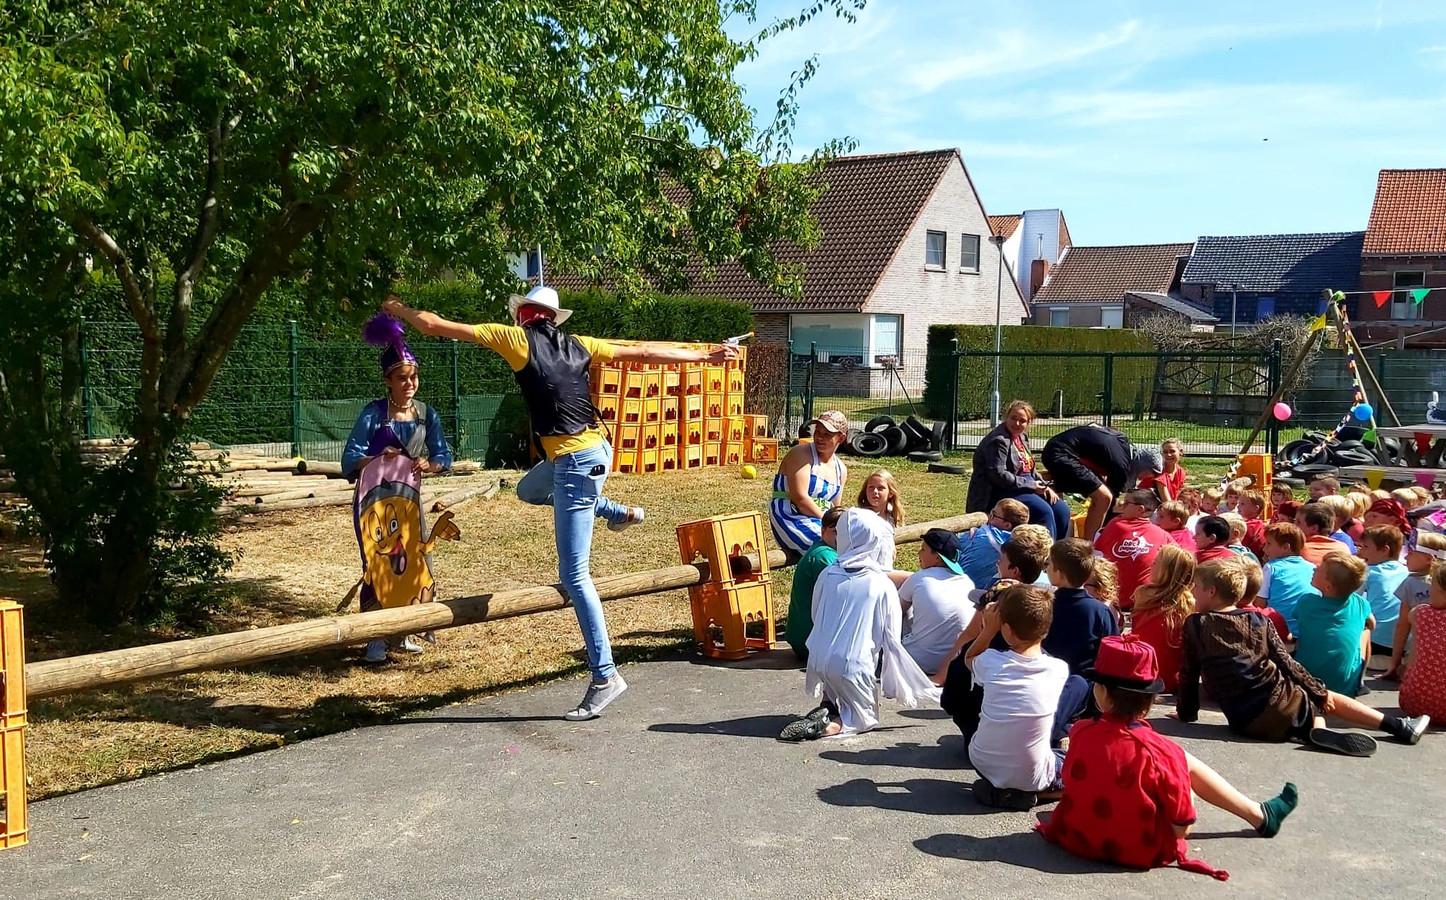 Stijn in actie, deze zomer, op het eindfeest van speelplein De Piepauw.